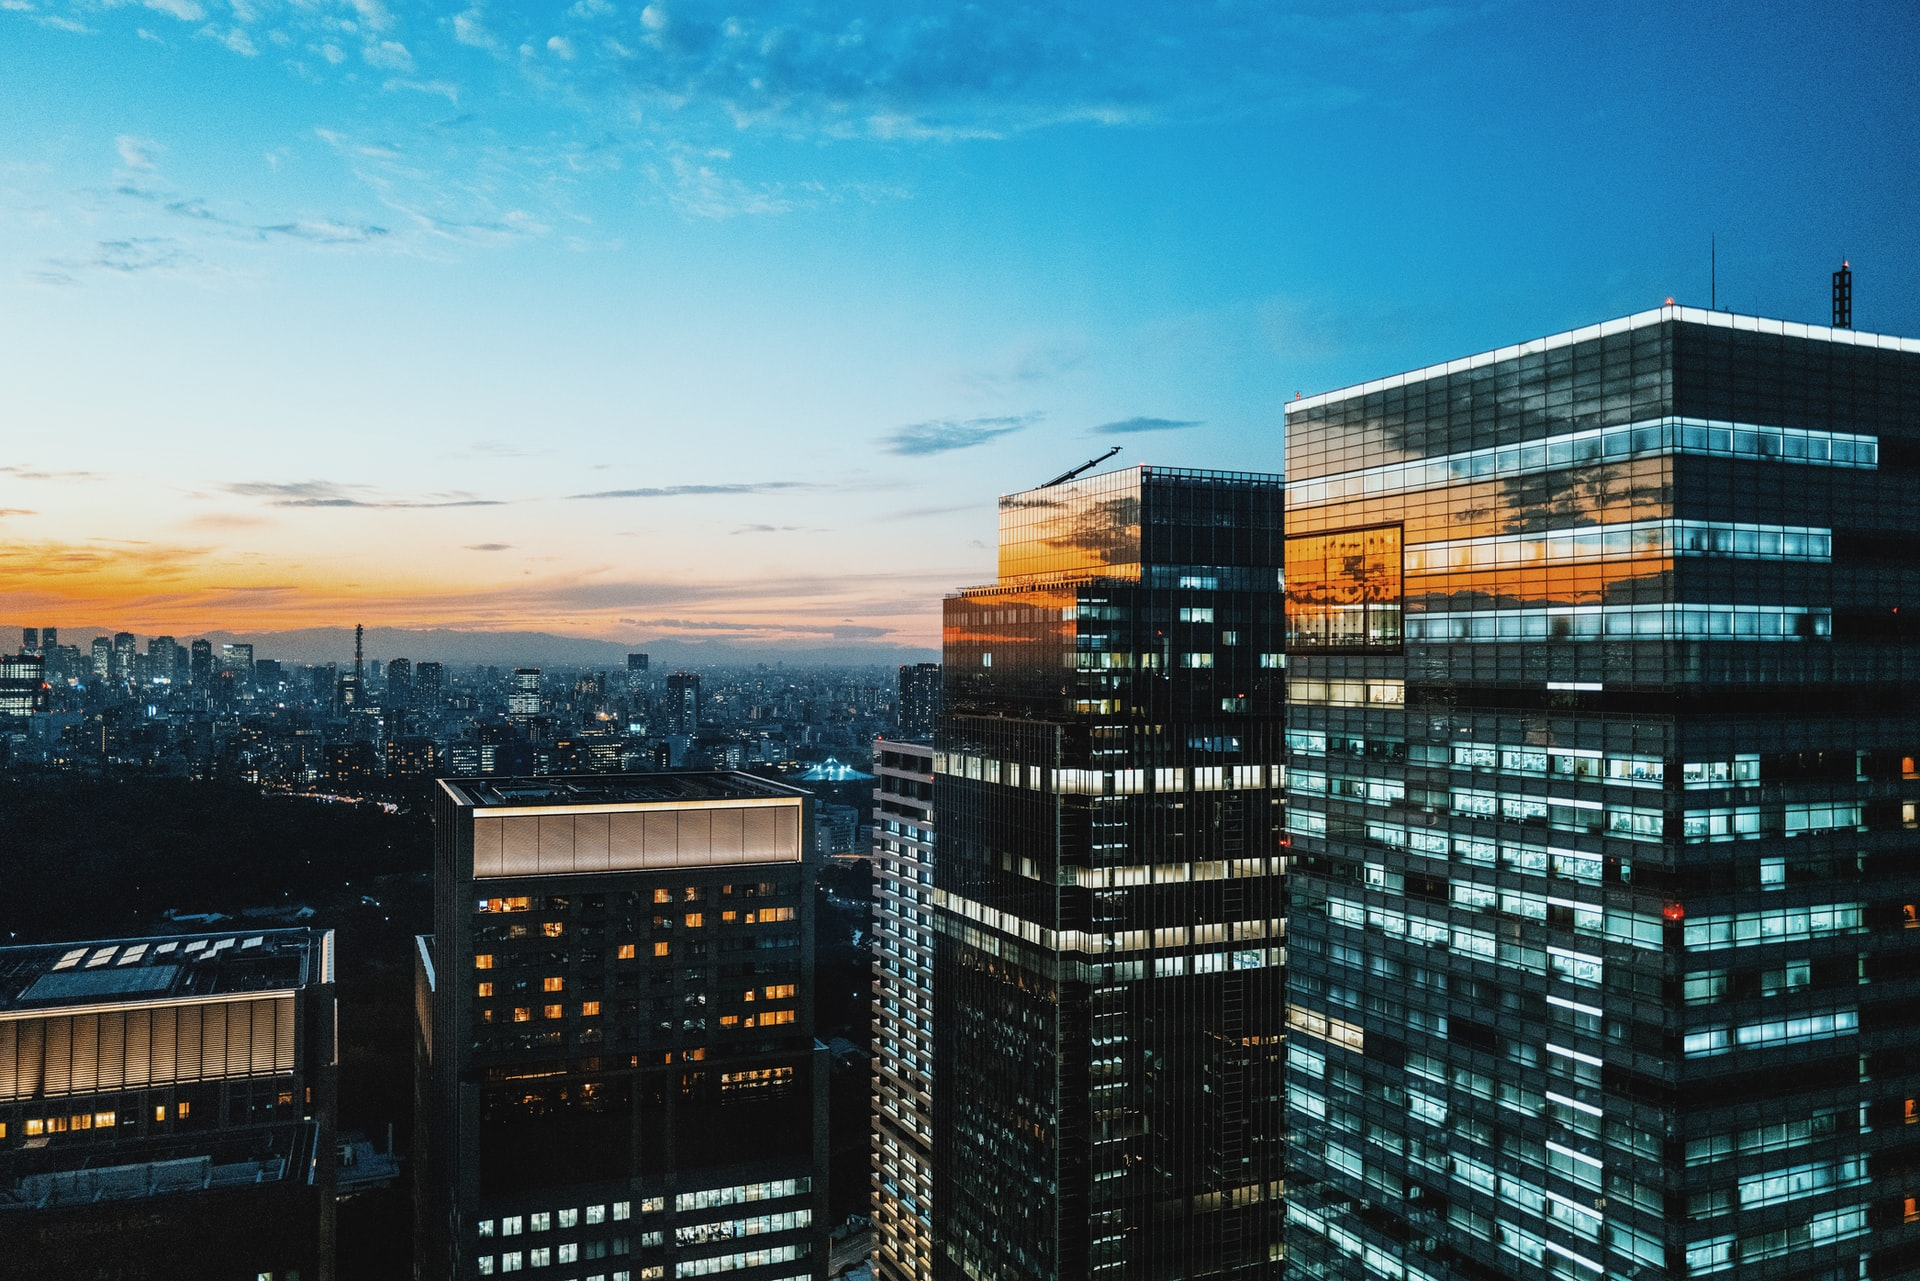 Стартап-гід по Токіо: як міжнародний технохаб змінюється для підприємців нової хвилі - startups, news, investytsiyi, business